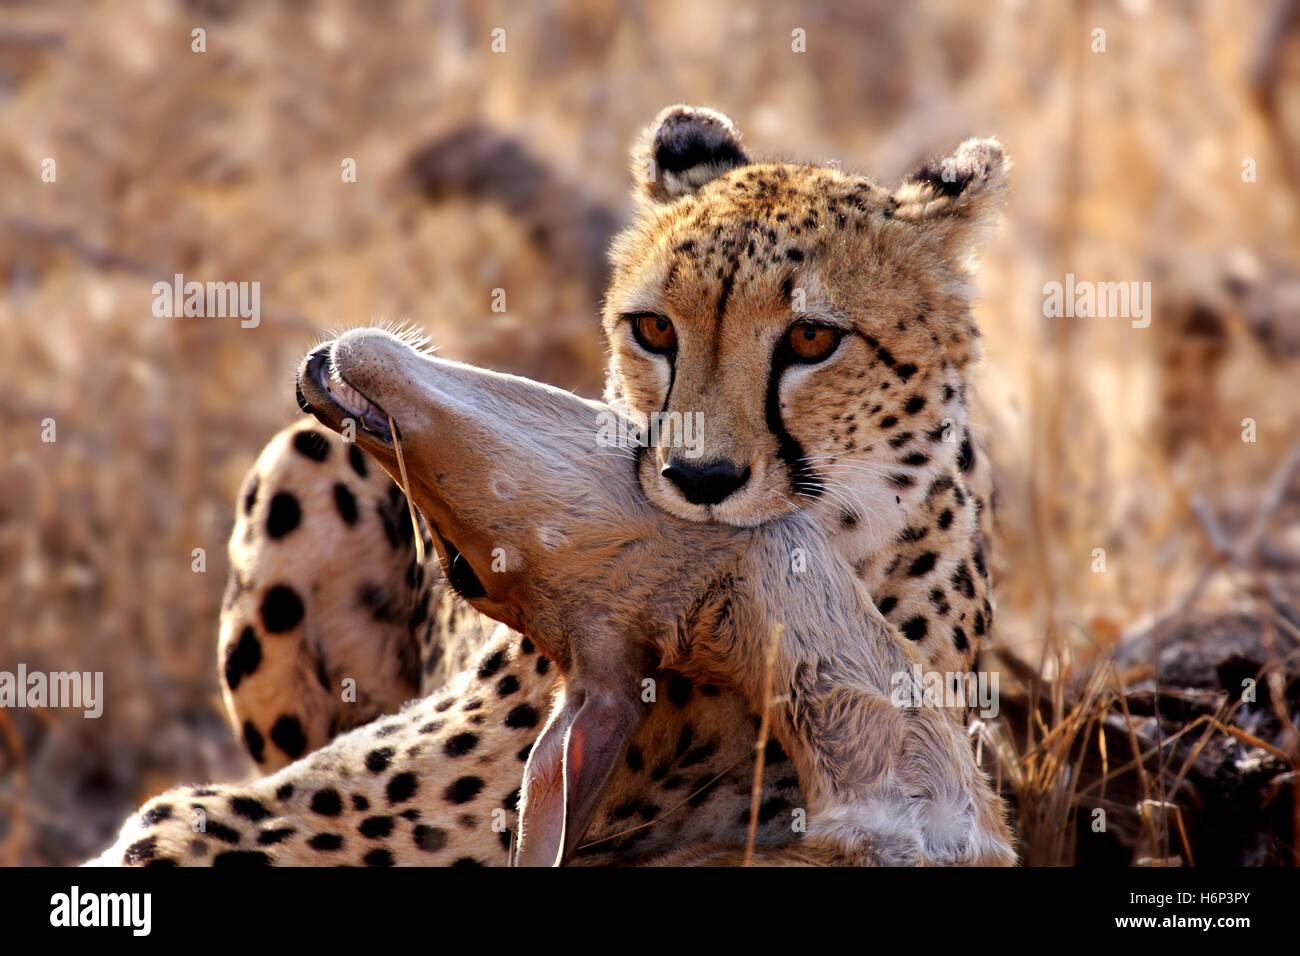 Cheetah con presa,vida silvestre Imagen De Stock